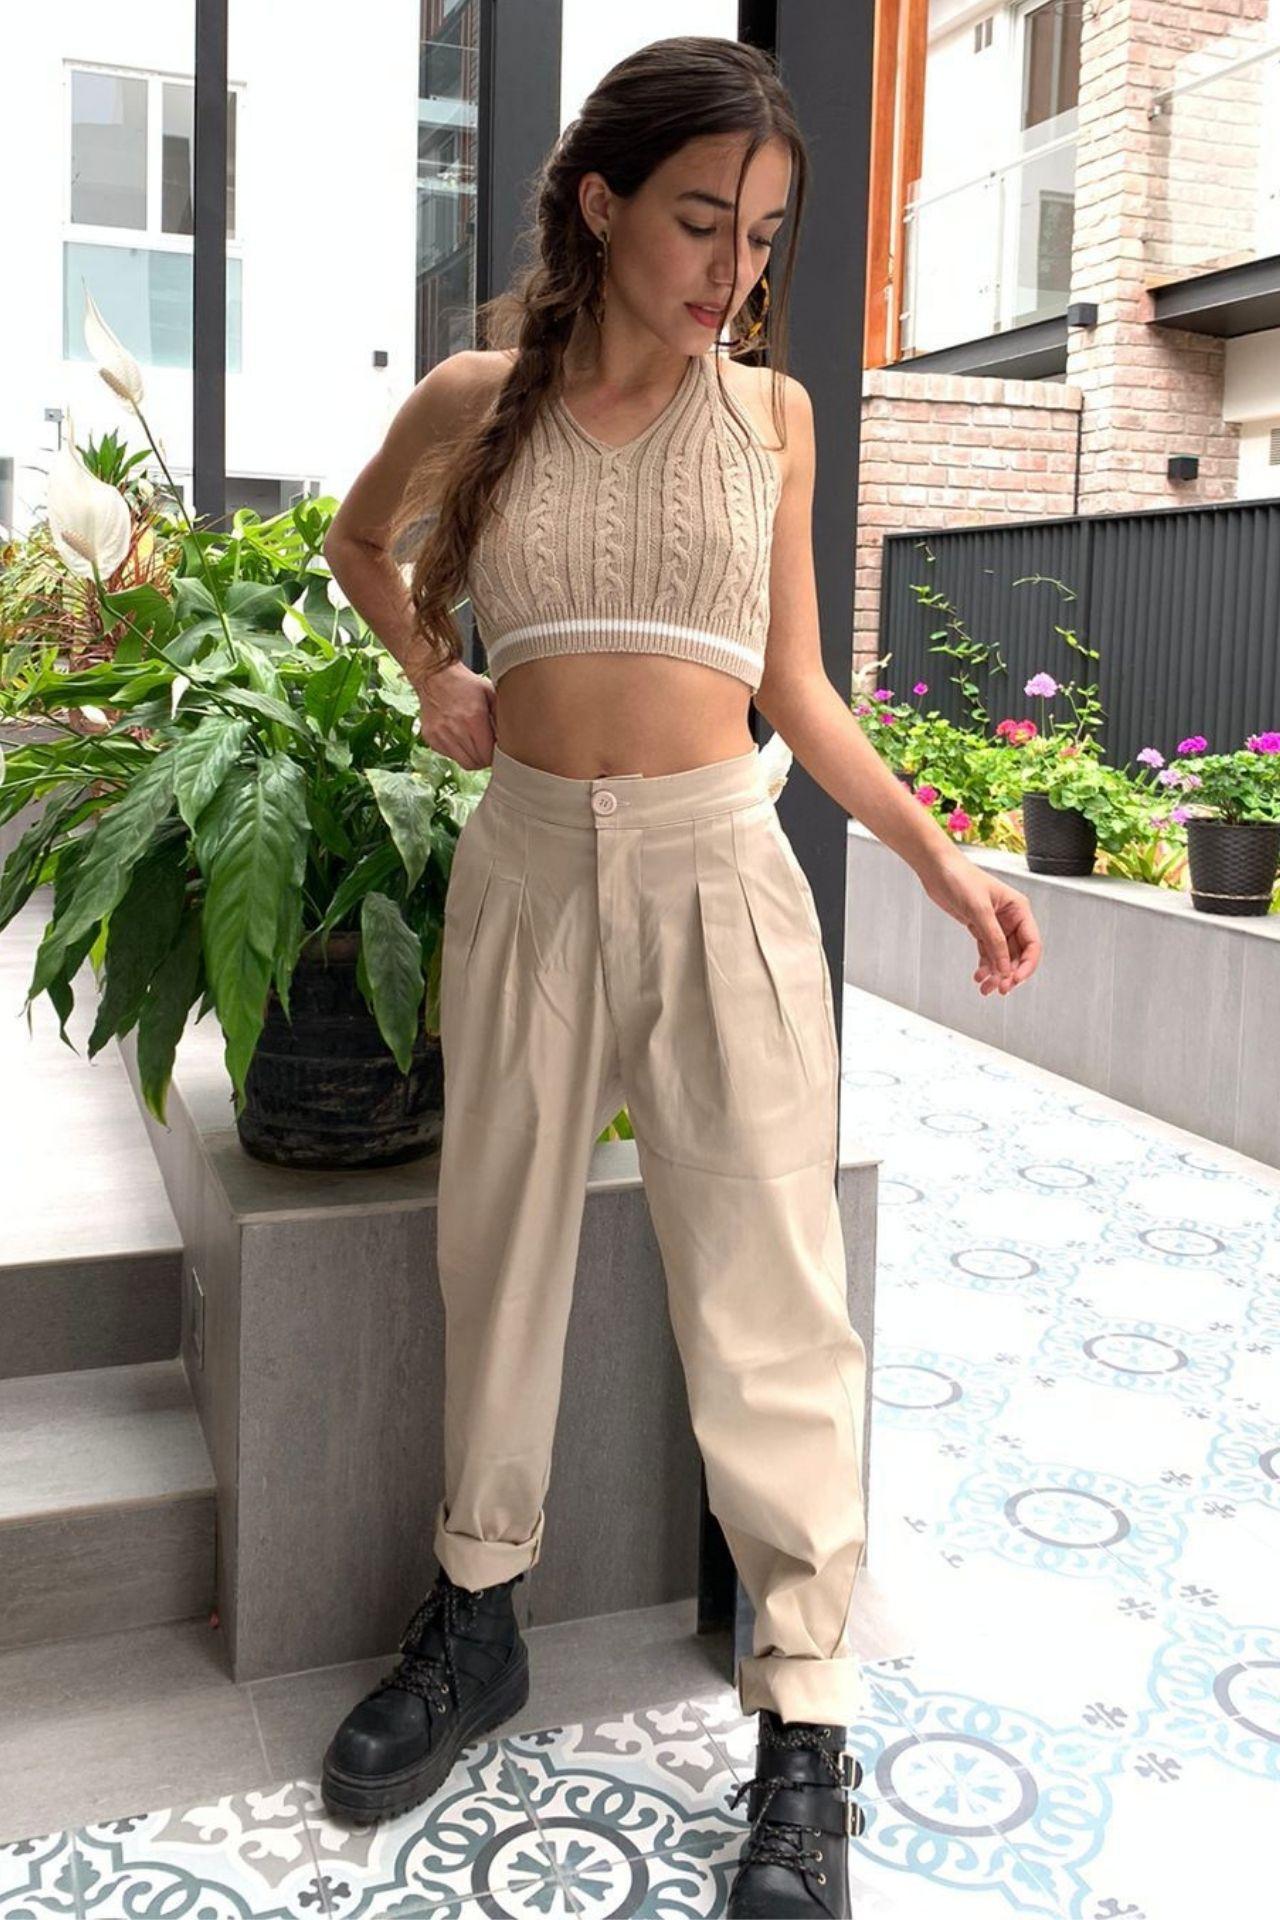 ¿Incomoda con los pantalones? Encontraste el fit perfecto para estar relajada y cómoda todo el día. Los Slouchys cotton a la cintura de Maja Since 2020.  Encuentralos en 3 colores: Palo Rosa (Nude), Fresa (Fucsia) y Beige. Muy versátil para ponerse con un top o una blusa a la cintura.  En talla S: 25-28 en pantalón.  En talla M: 30-34 en pantalón.